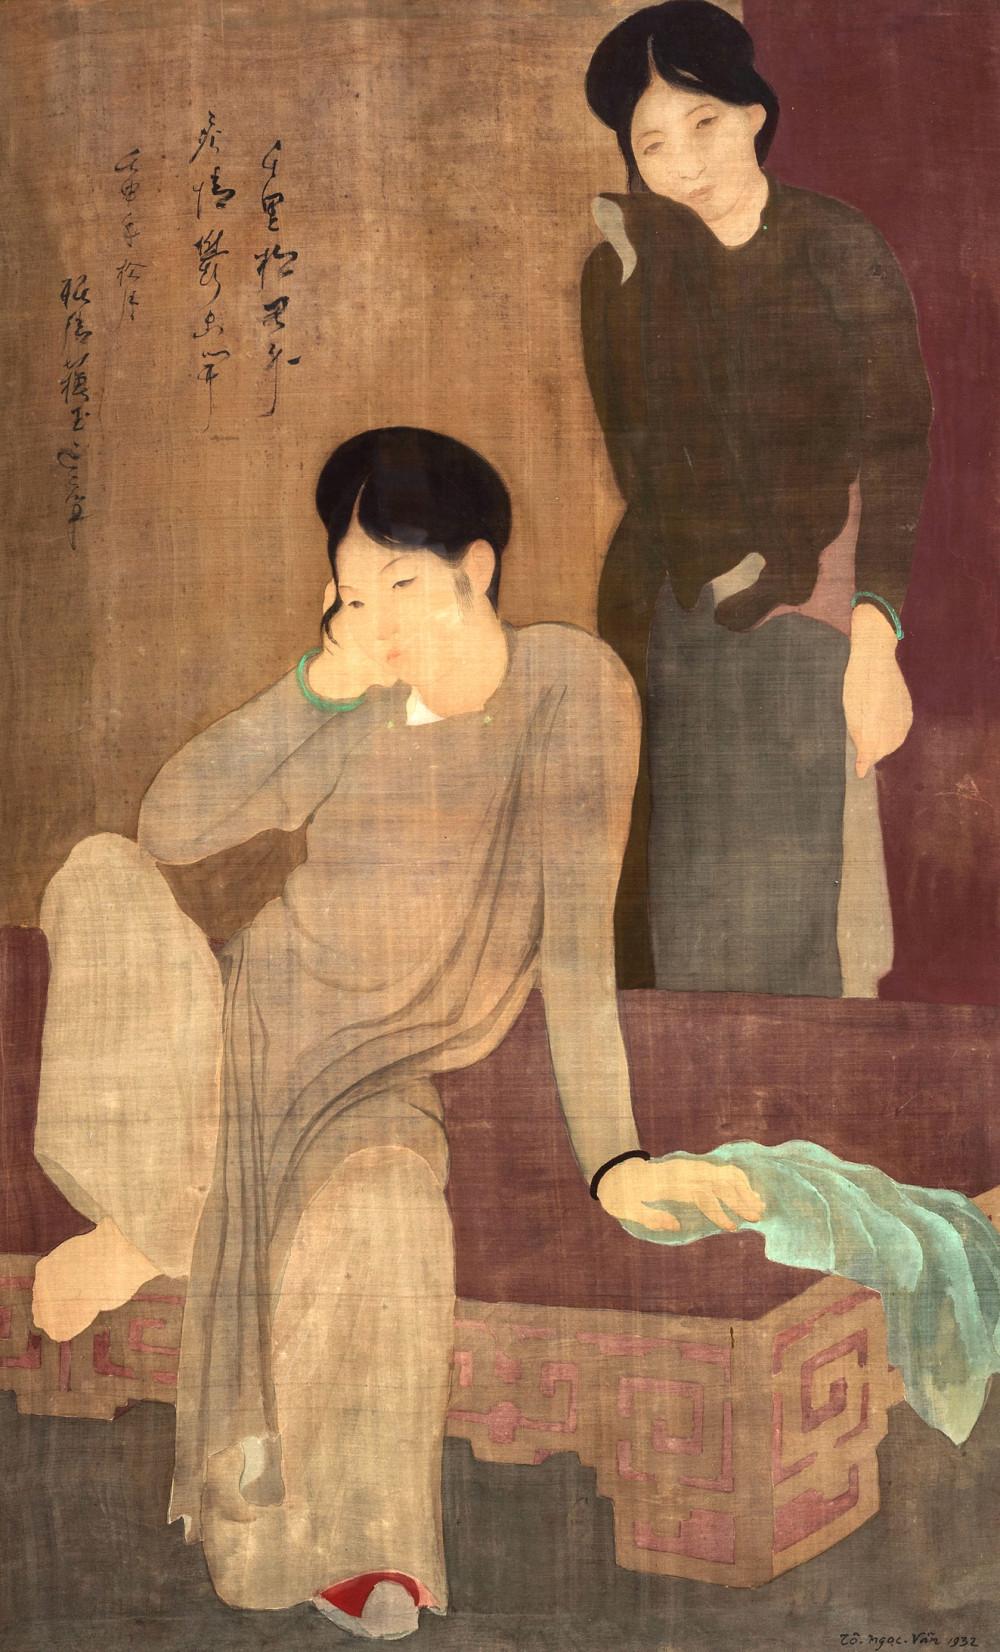 Dù nổi danh với sơn dầu, nhưng bức lụa Vỡ mộng (92,5cm x 57cm, 1932) mới là cao giá nhất của Tô Ngọc Vân. Tại phiên đấu giá của nhà Christie's Hong Kong ngày 26/5/2019, bức này đã bán tương đương hơn 1,1 triệu USD, thuộc Top 5 tranh có giá công khai cao nhất của Việt Nam